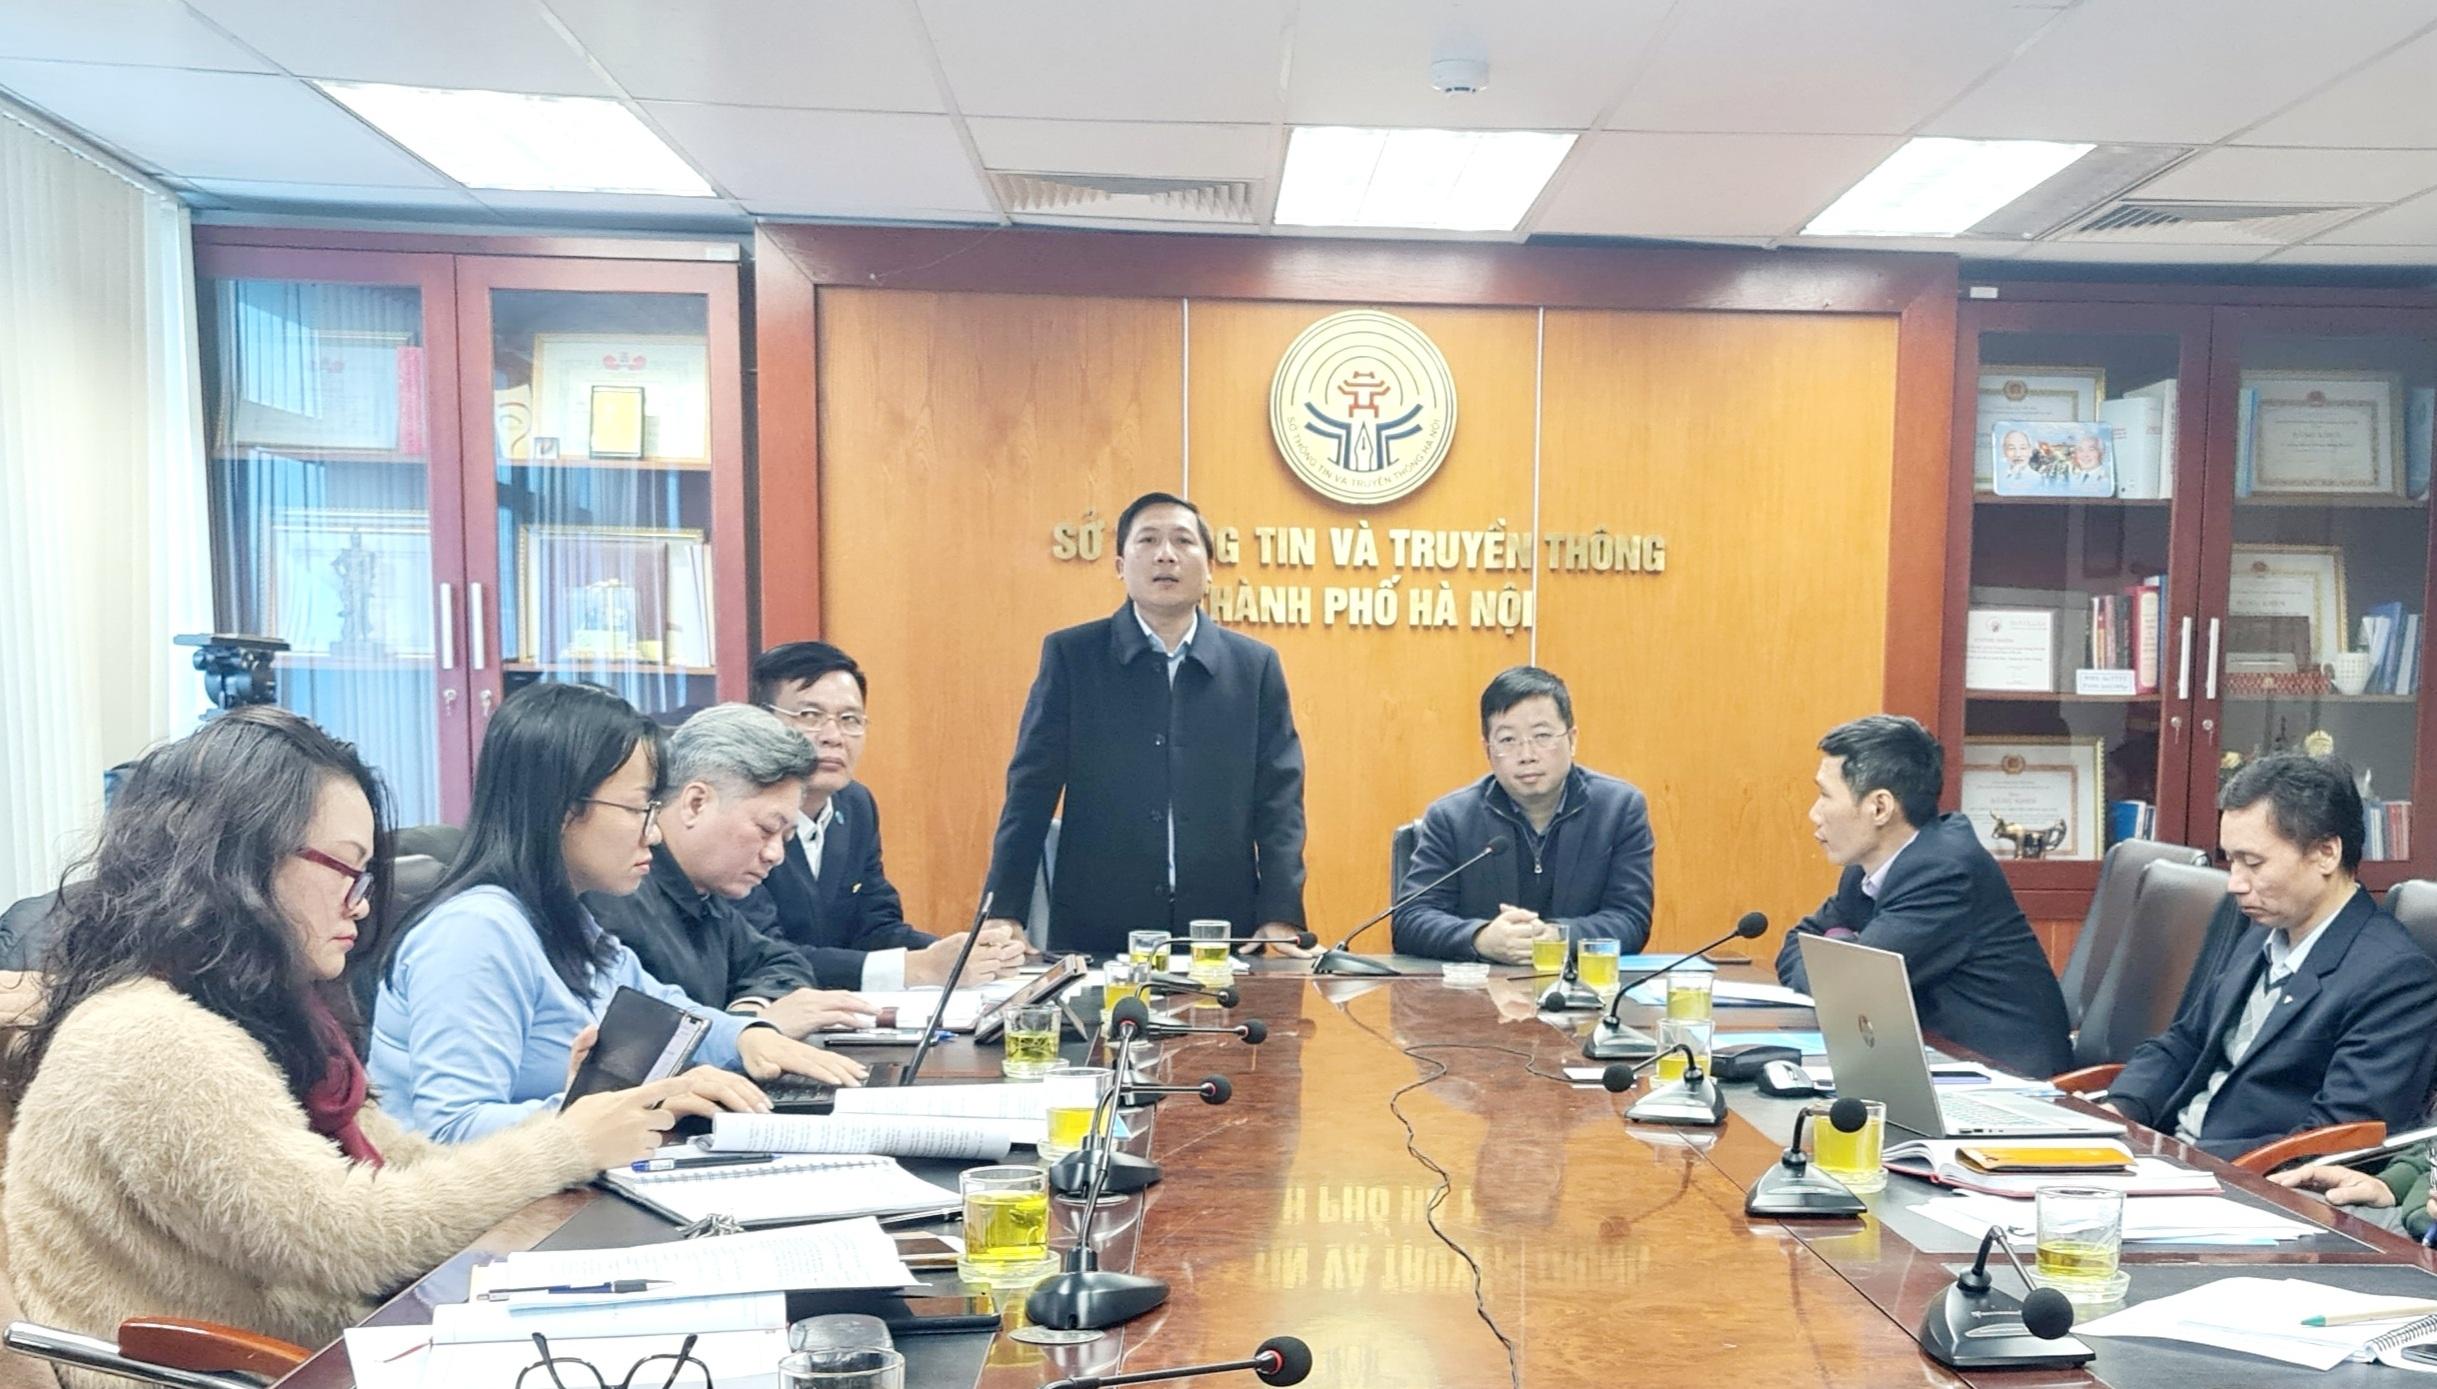 Sở Thông tin và Truyền thông Hà Nội đã đủ thẩm quyền xử phạt các báo Trung ương nếu vi phạm